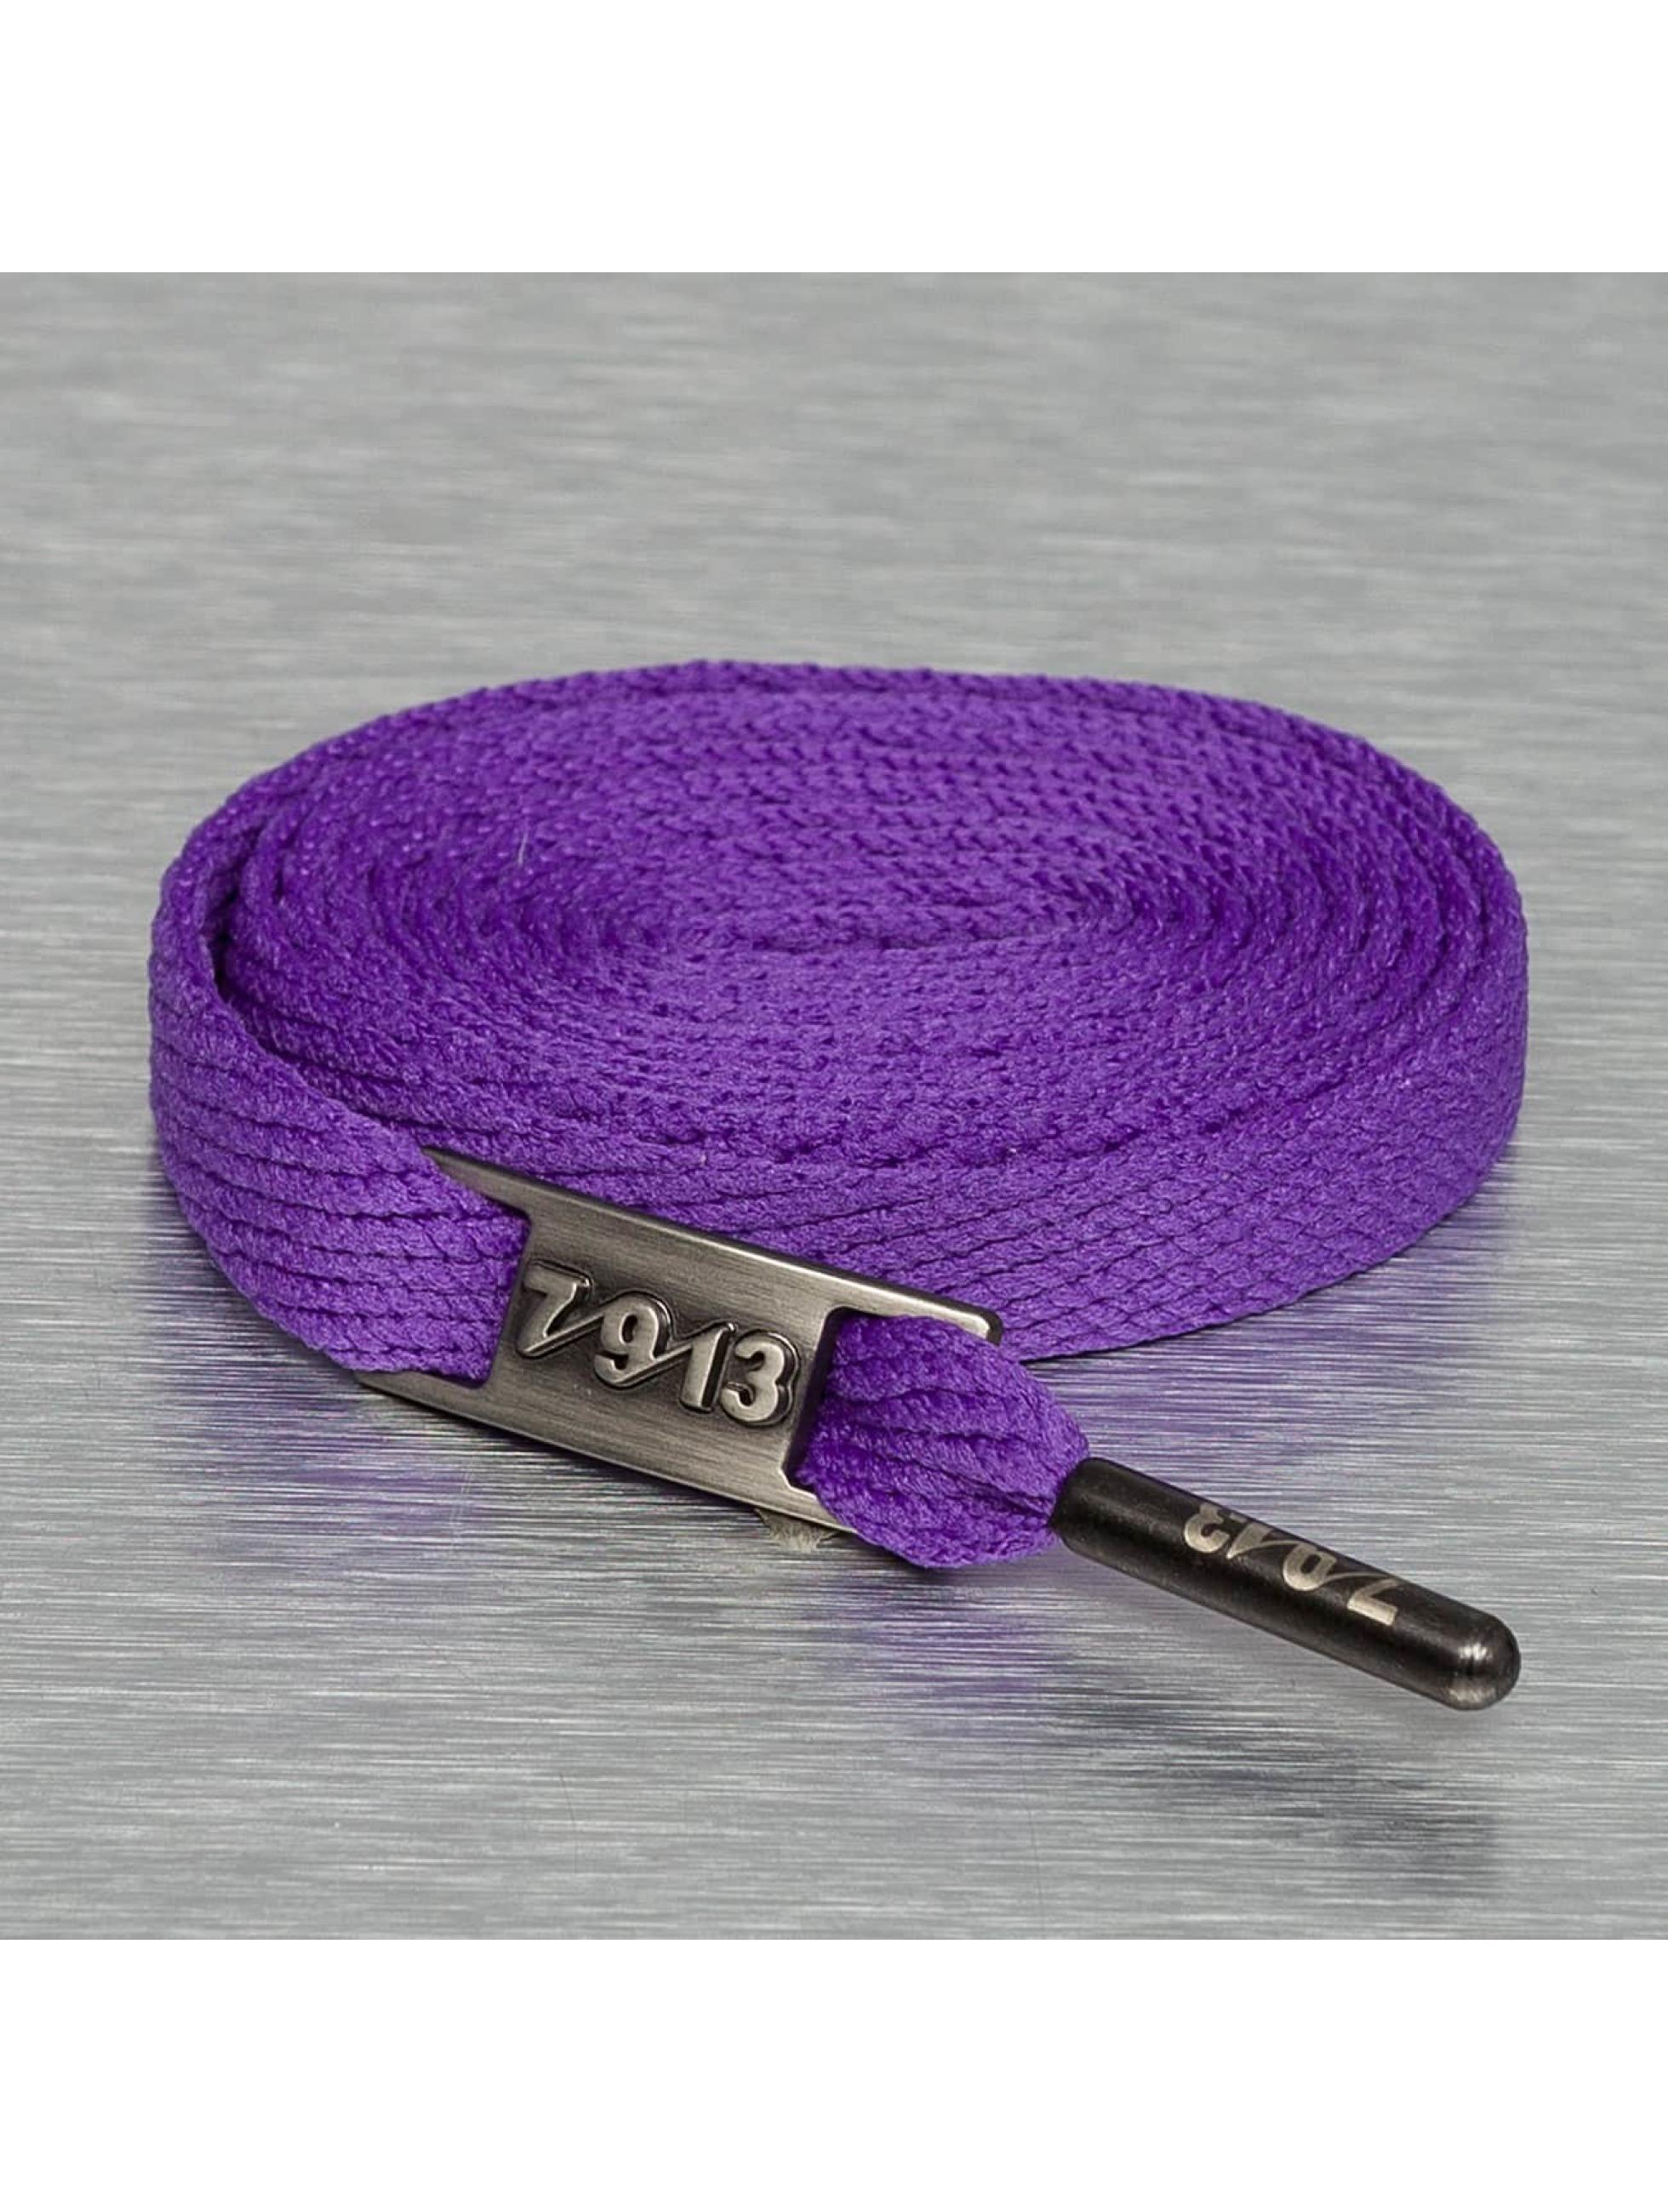 Seven Nine 13 Schuhzubehör Full Metal violet